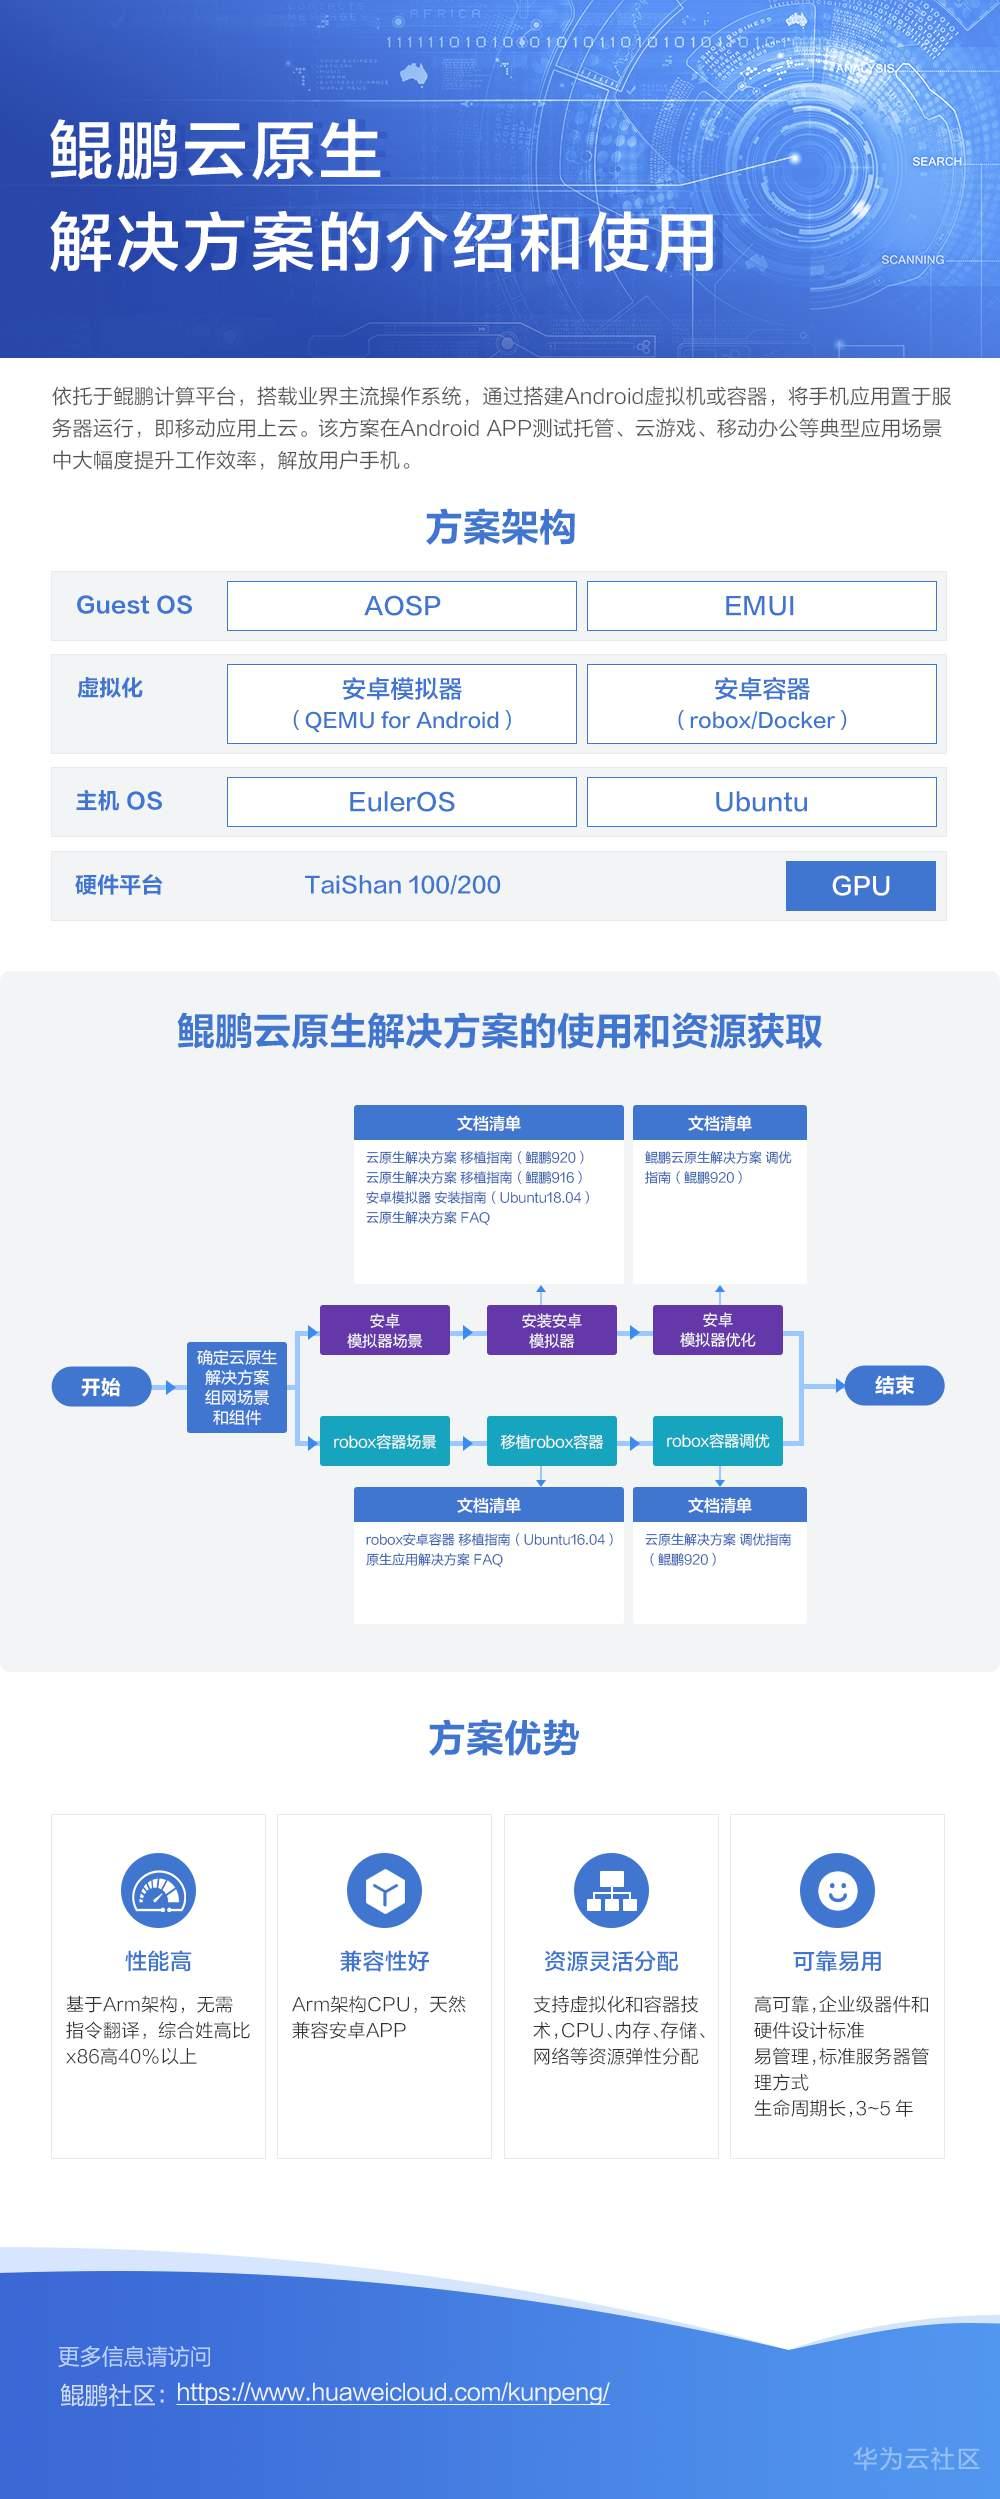 11TaiShan 原生应用解决方案的介绍和使用.png